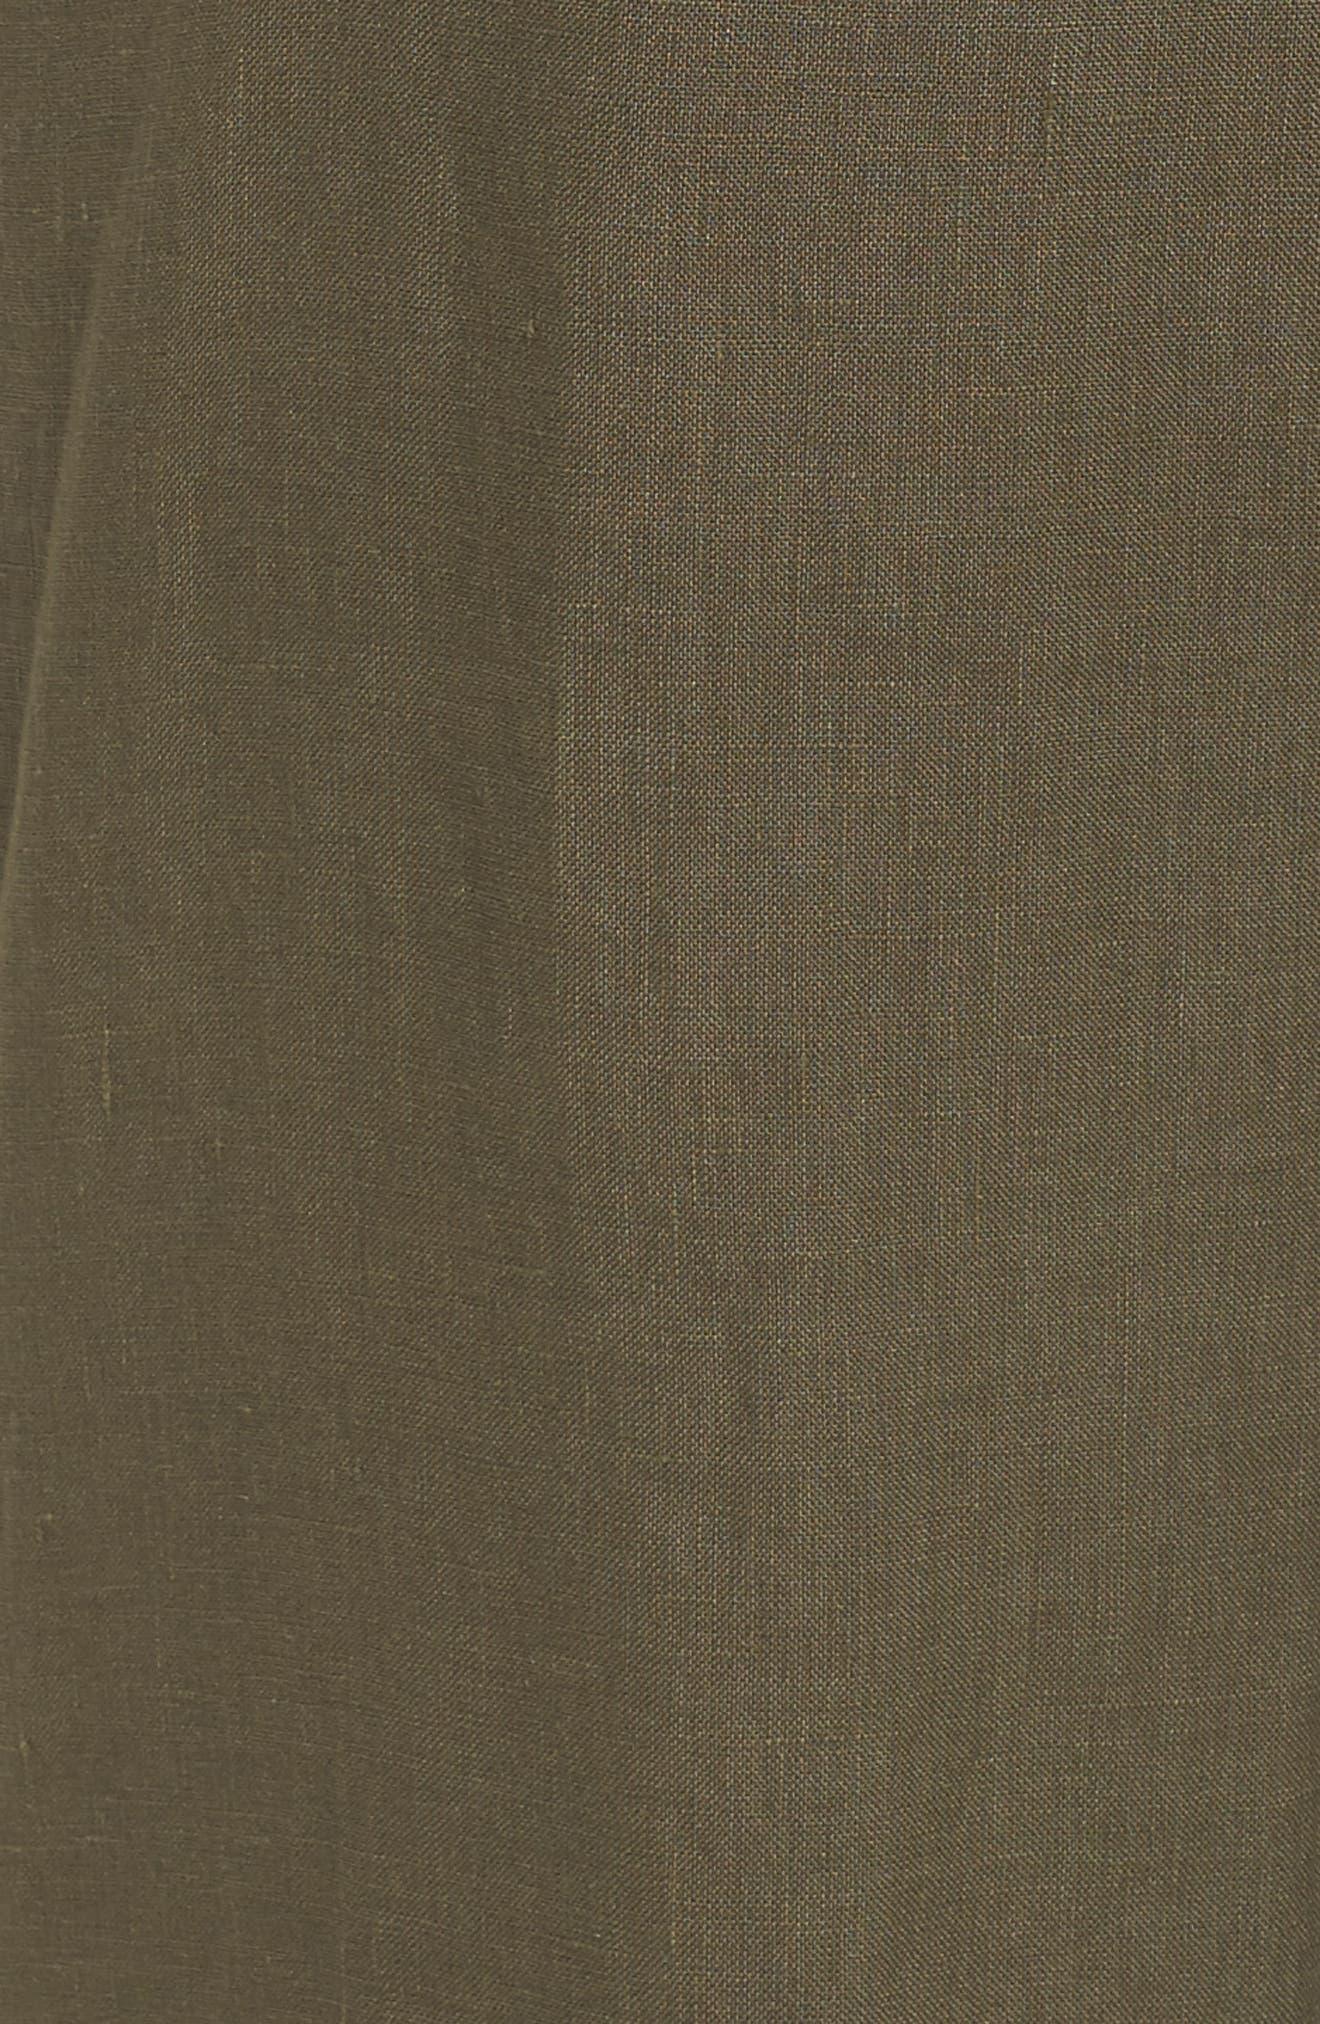 Wide Leg Crop Linen Pants,                             Alternate thumbnail 6, color,                             311